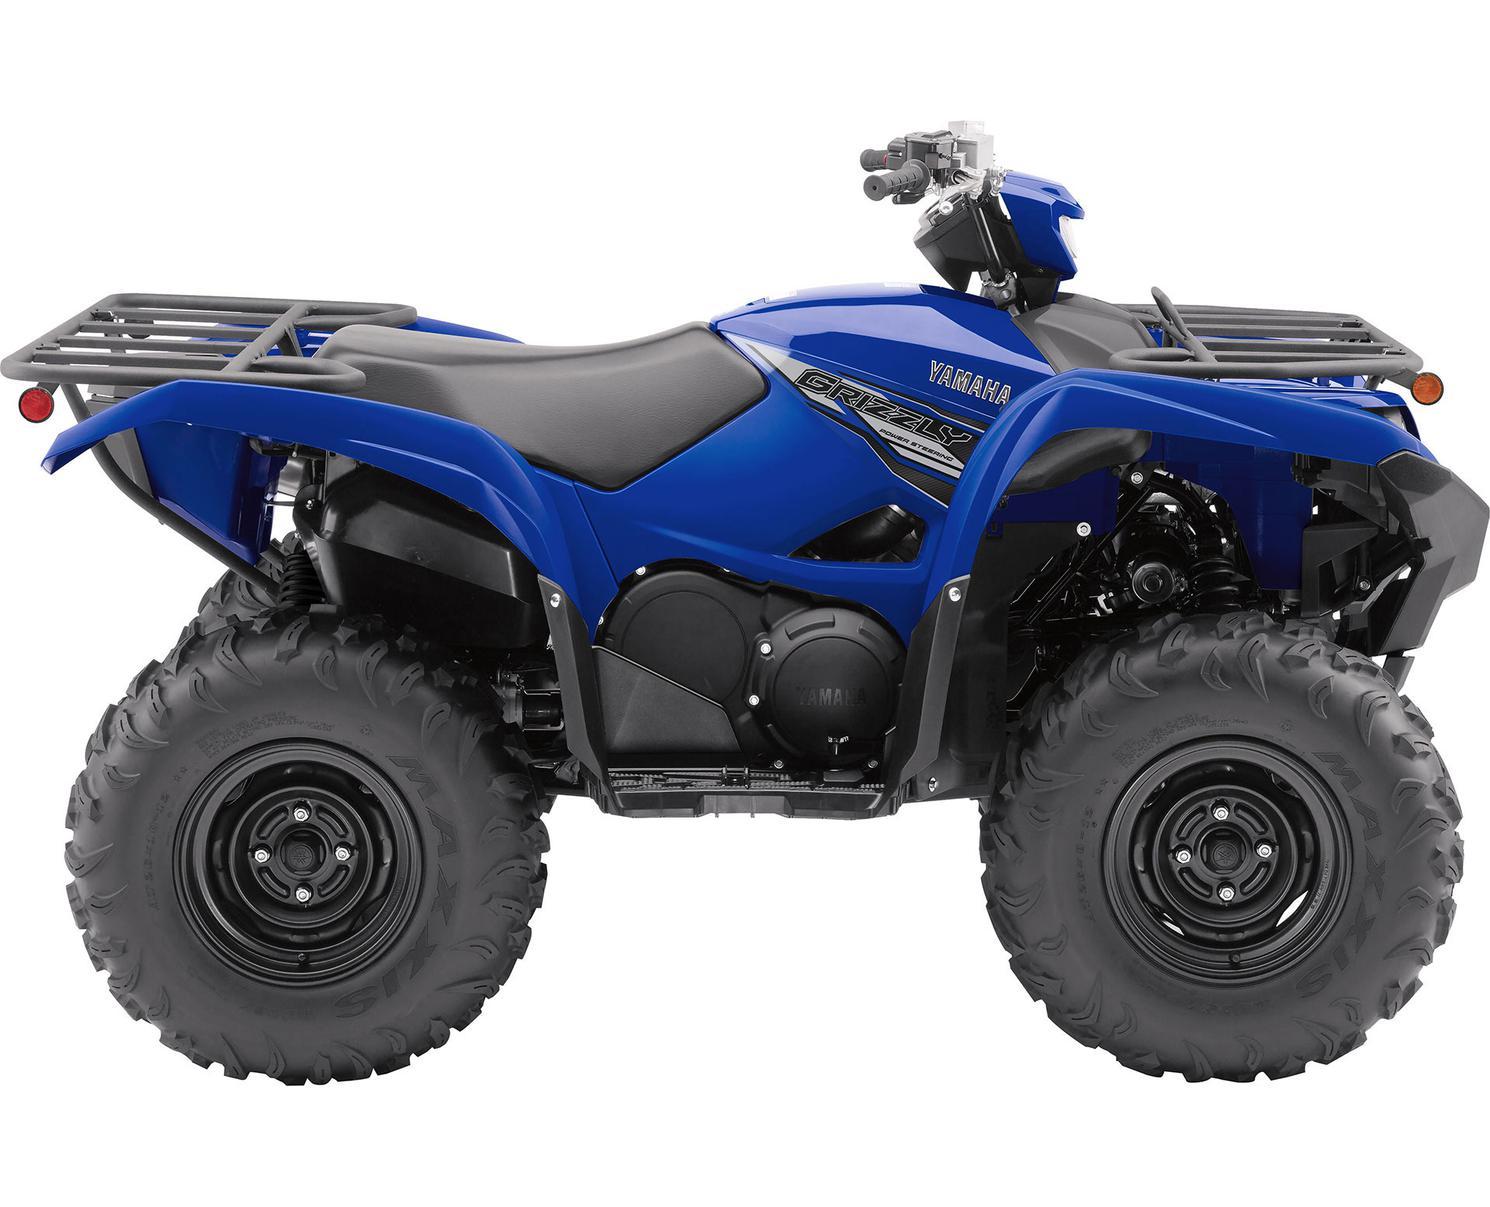 2021 Yamaha Grizzly 700 DAE Frais inclus+Taxes